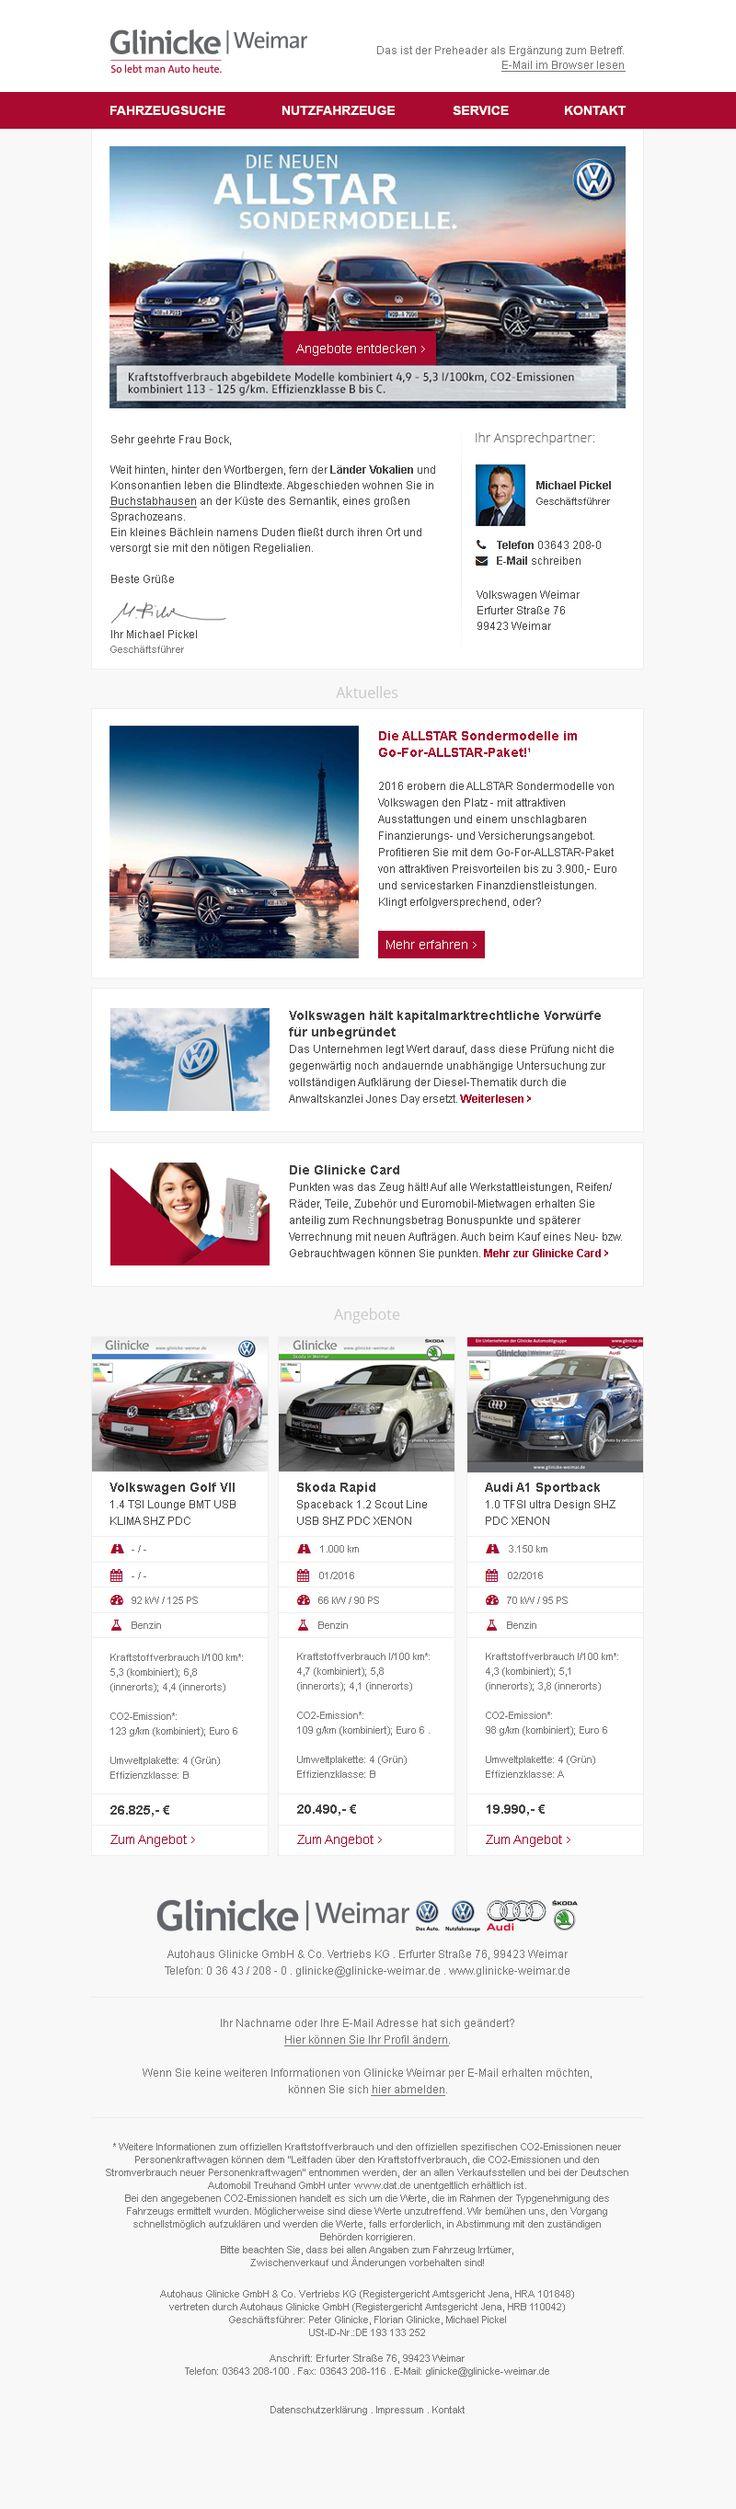 #Newsletterdesign #E-Mail-Marketing #Newsletter #EMM